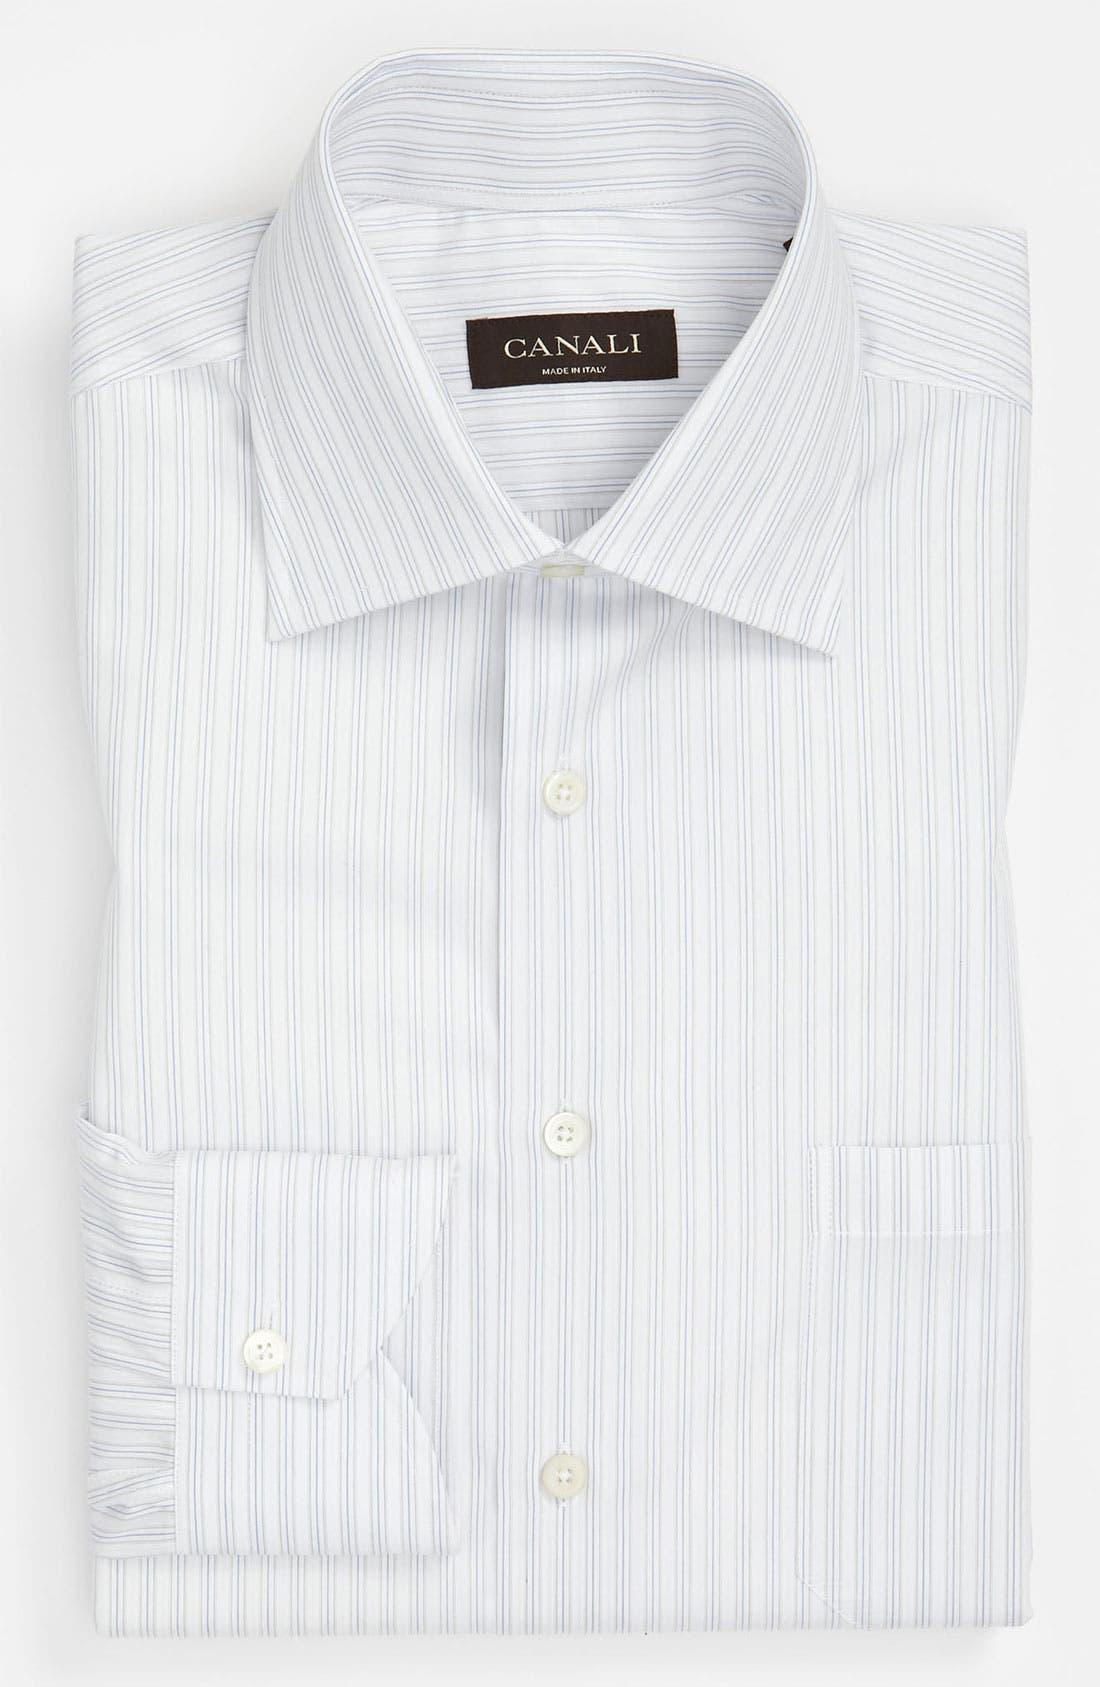 Main Image - Canali Modern Fit Dress Shirt